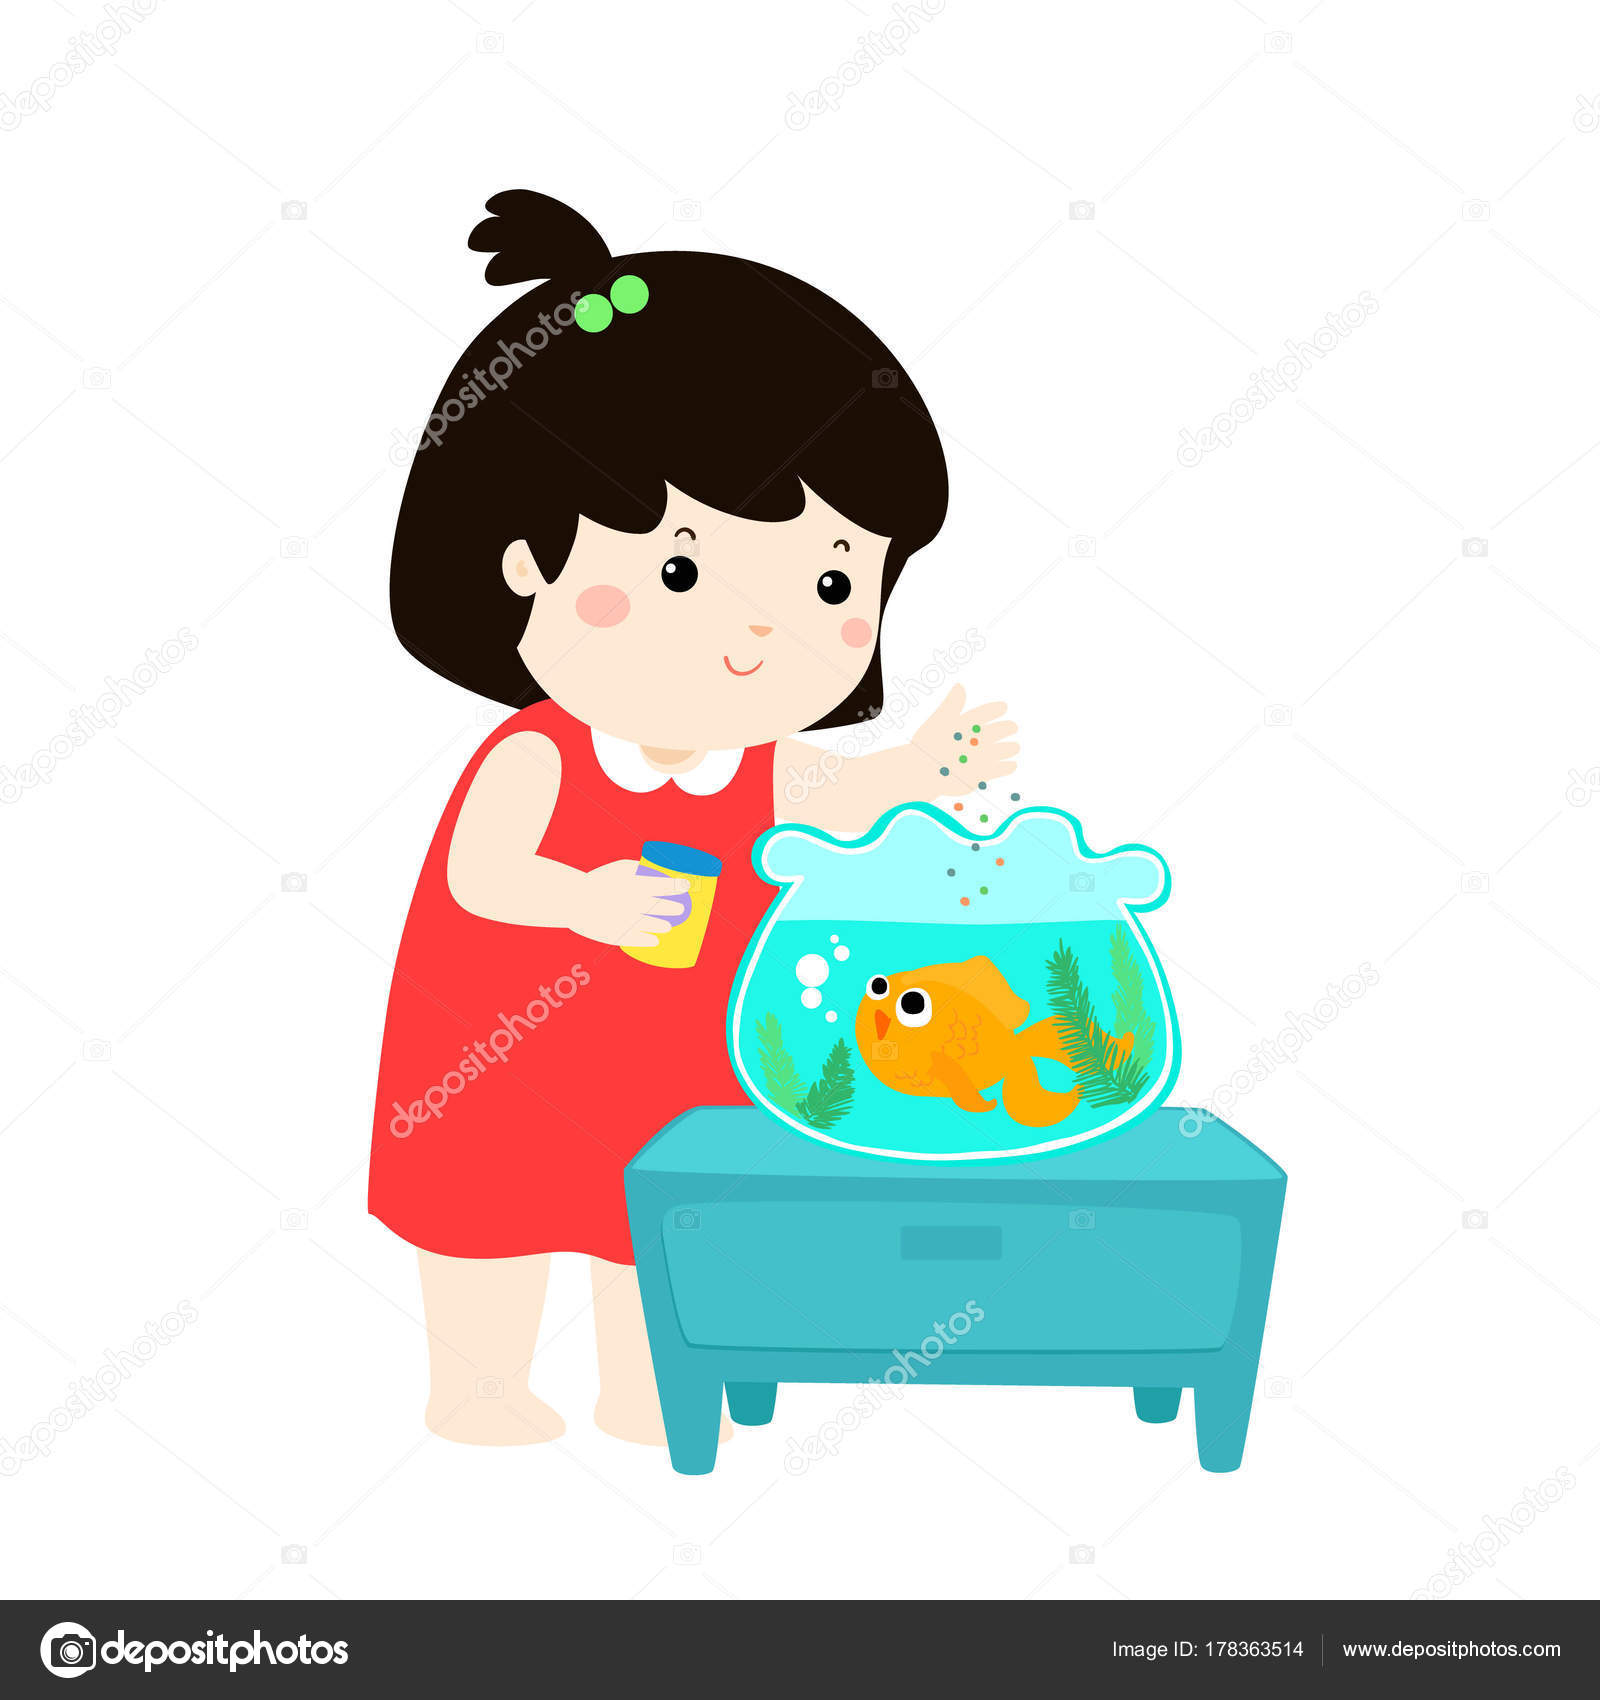 Ilustración de linda niña alimentando peces en acuario.